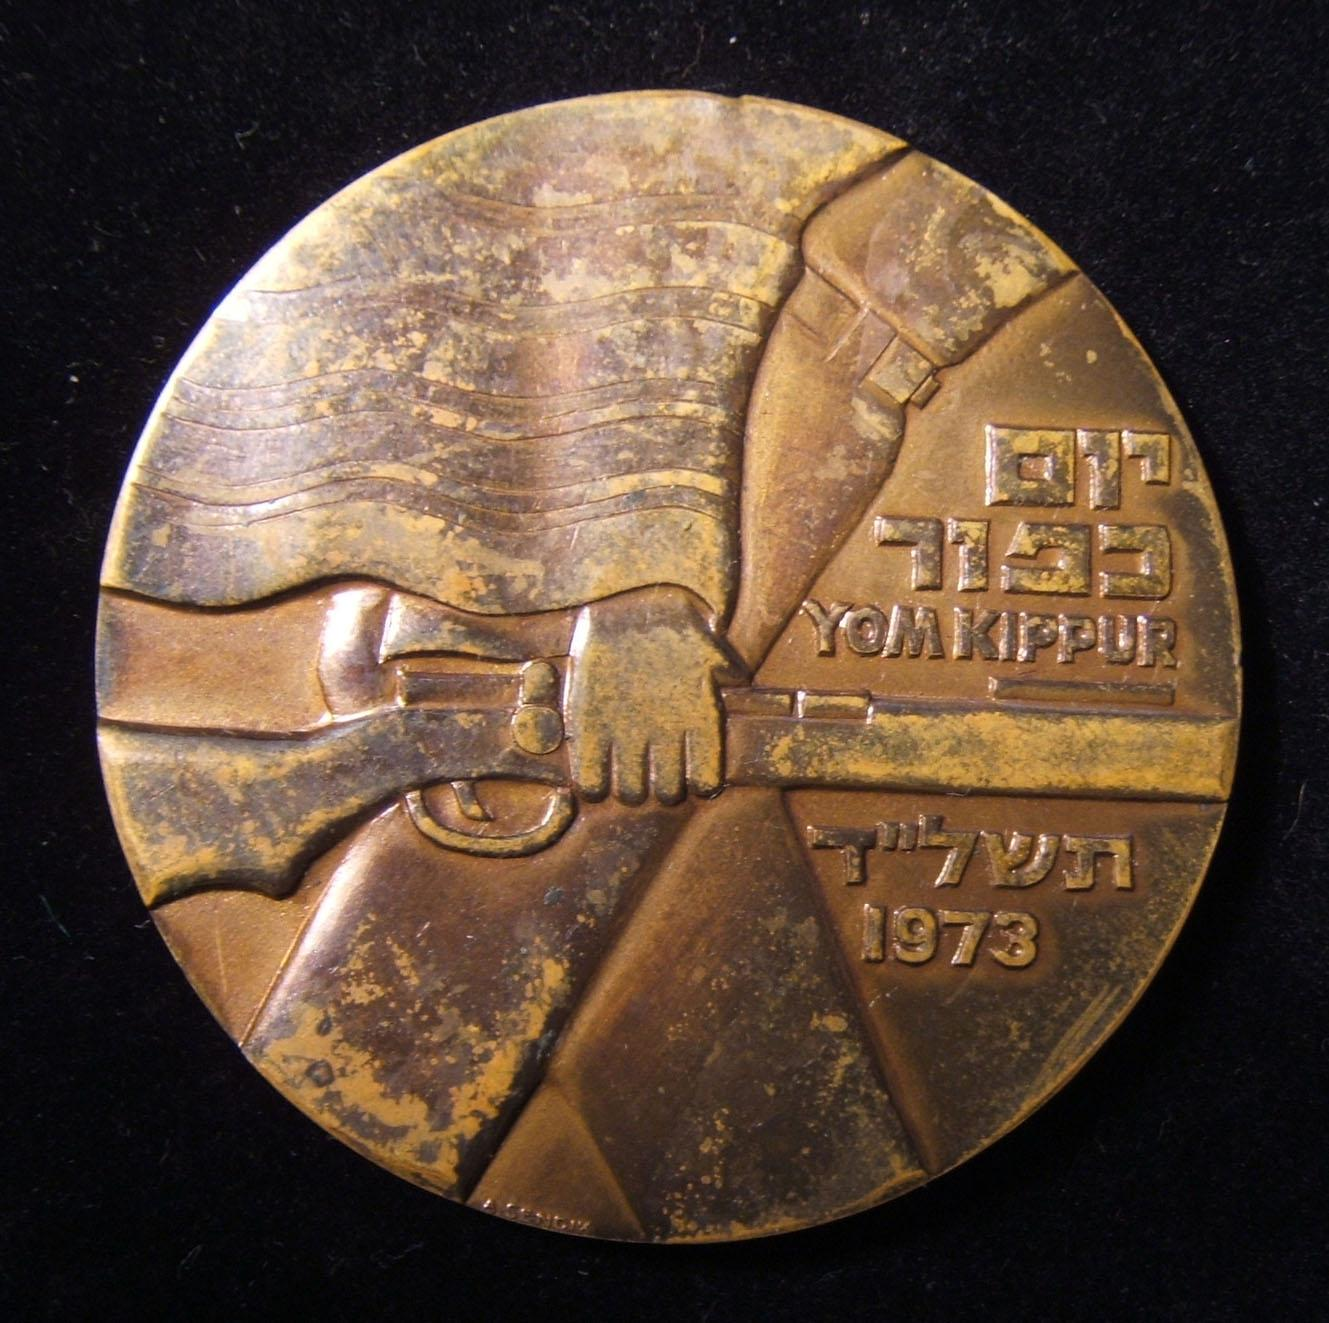 Jom Kippur US Dankbarkeit-Medaille, 1973; nummeriert; von Firma Schekel